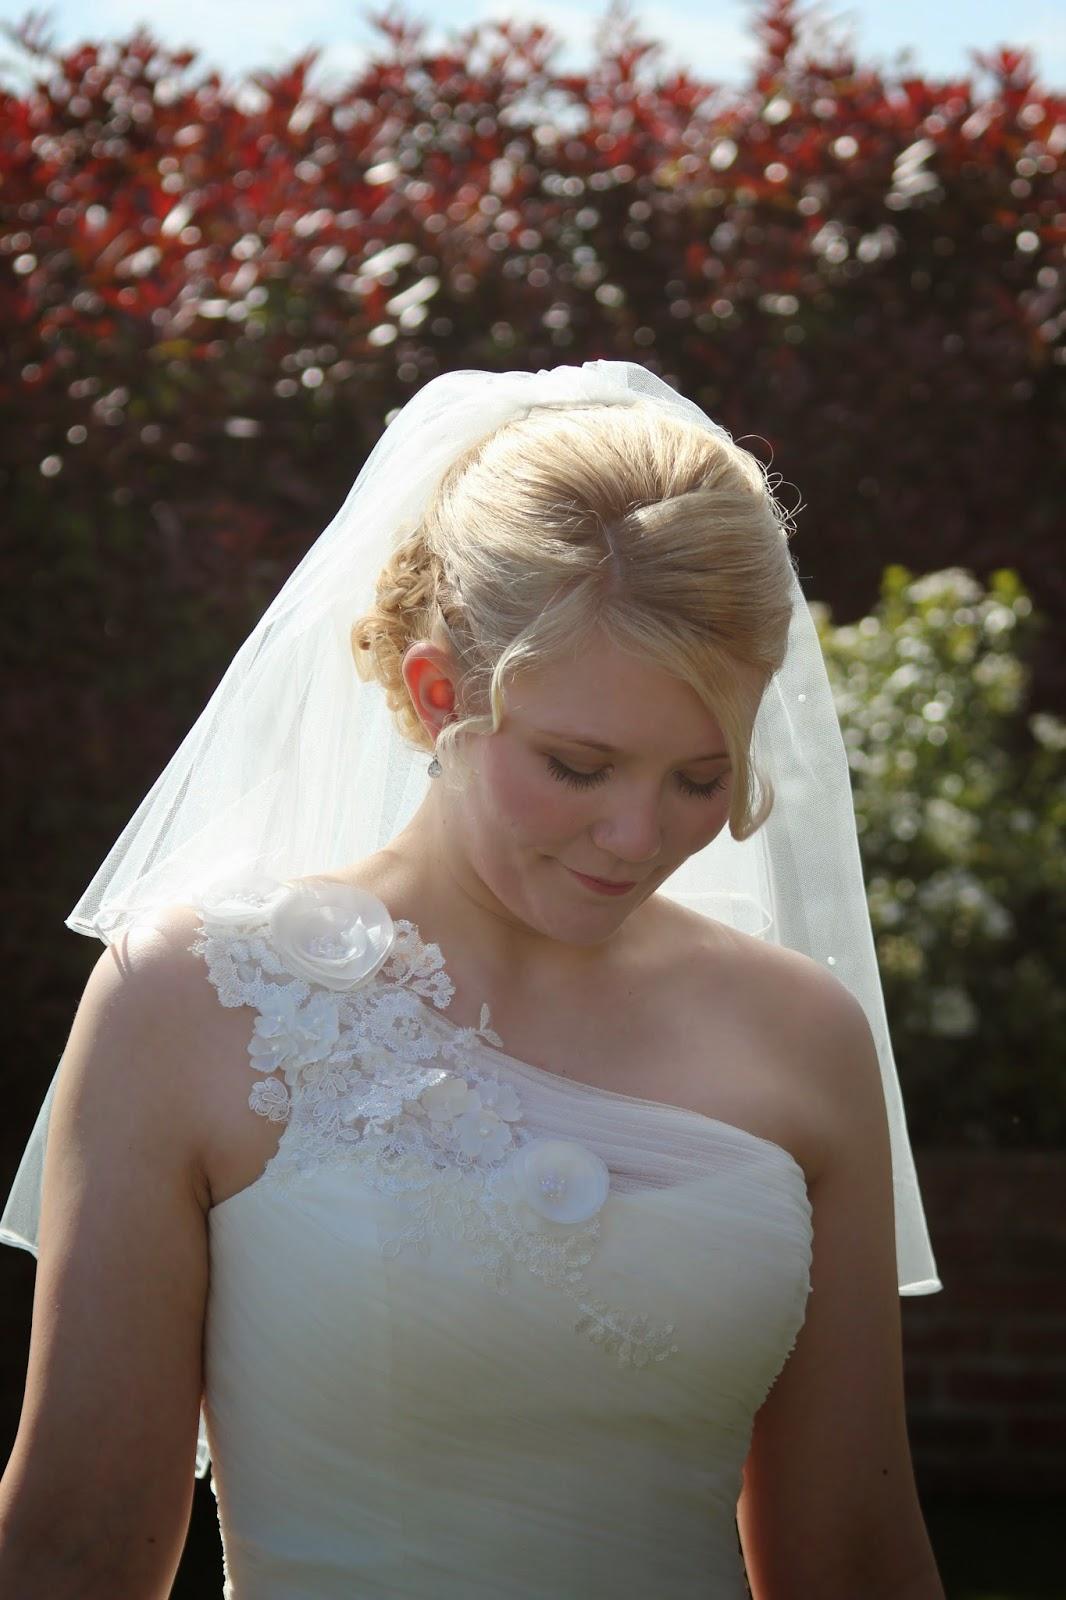 My Wedding (Part 1) Best Day Ever!